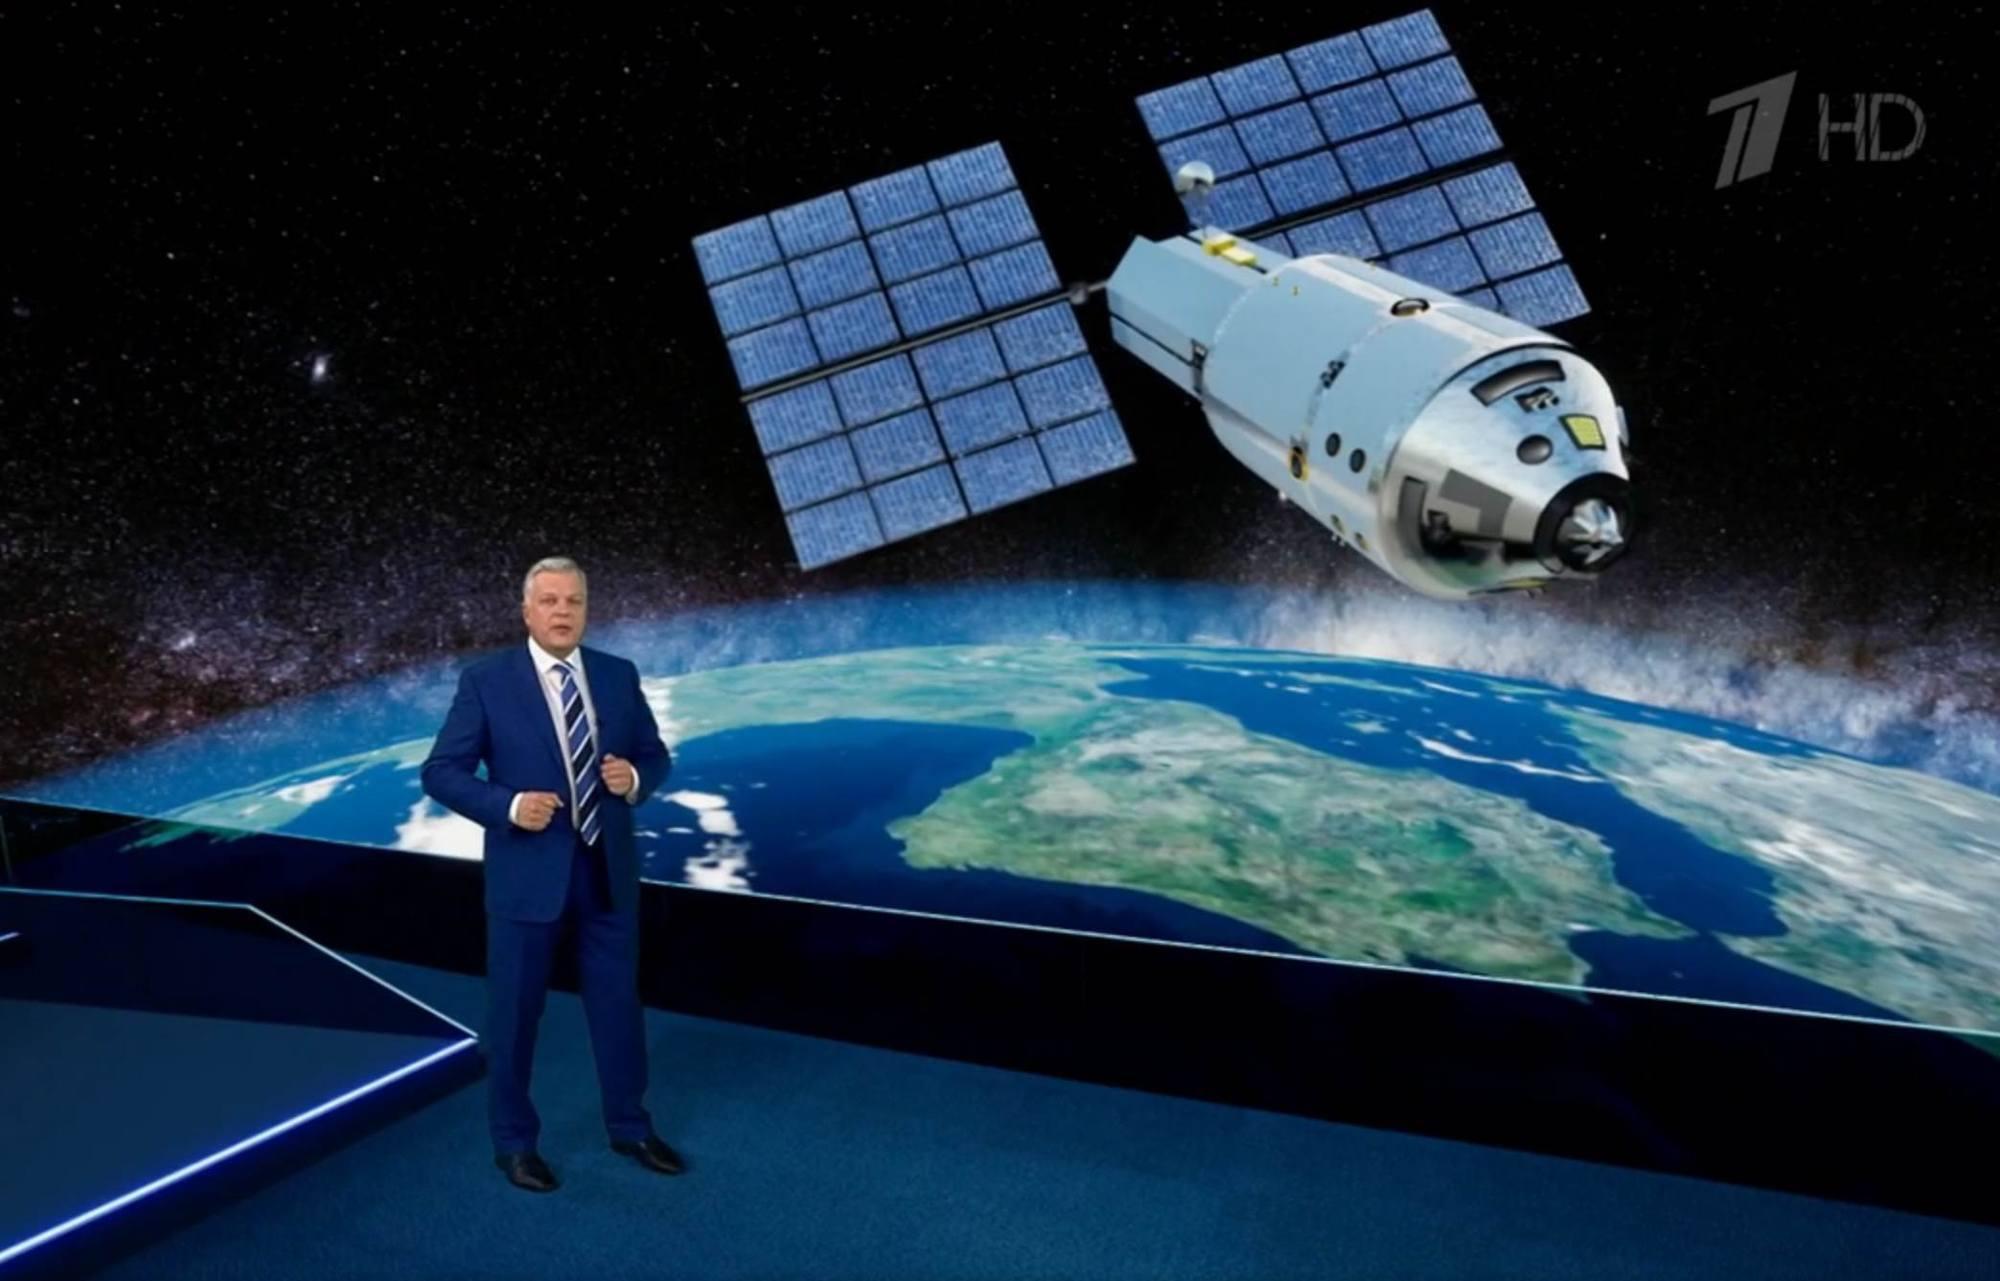 Le module NEM présenté sur la chaîne nationale russe 1Tv.